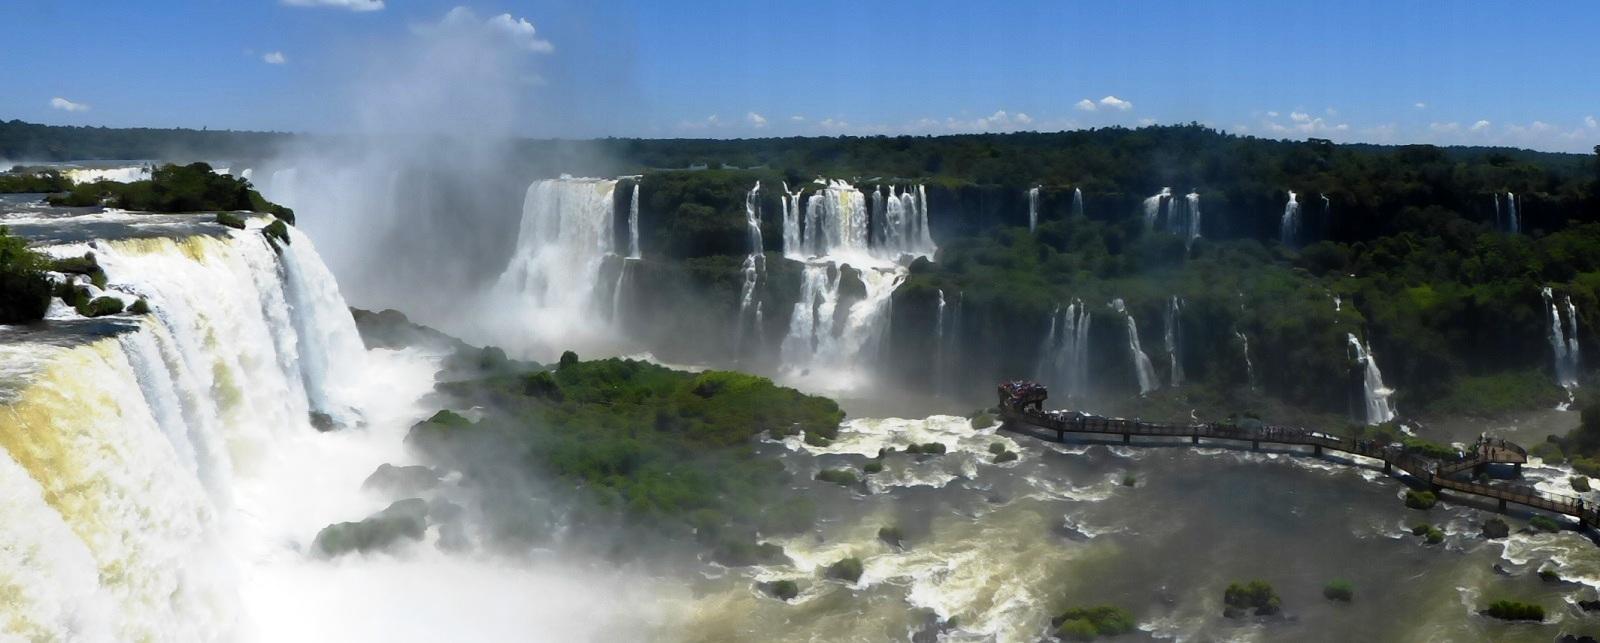 Die Iguazú Falls liegen zwischen Brasilien und Argentinien und sind gigantische Wasserfälle